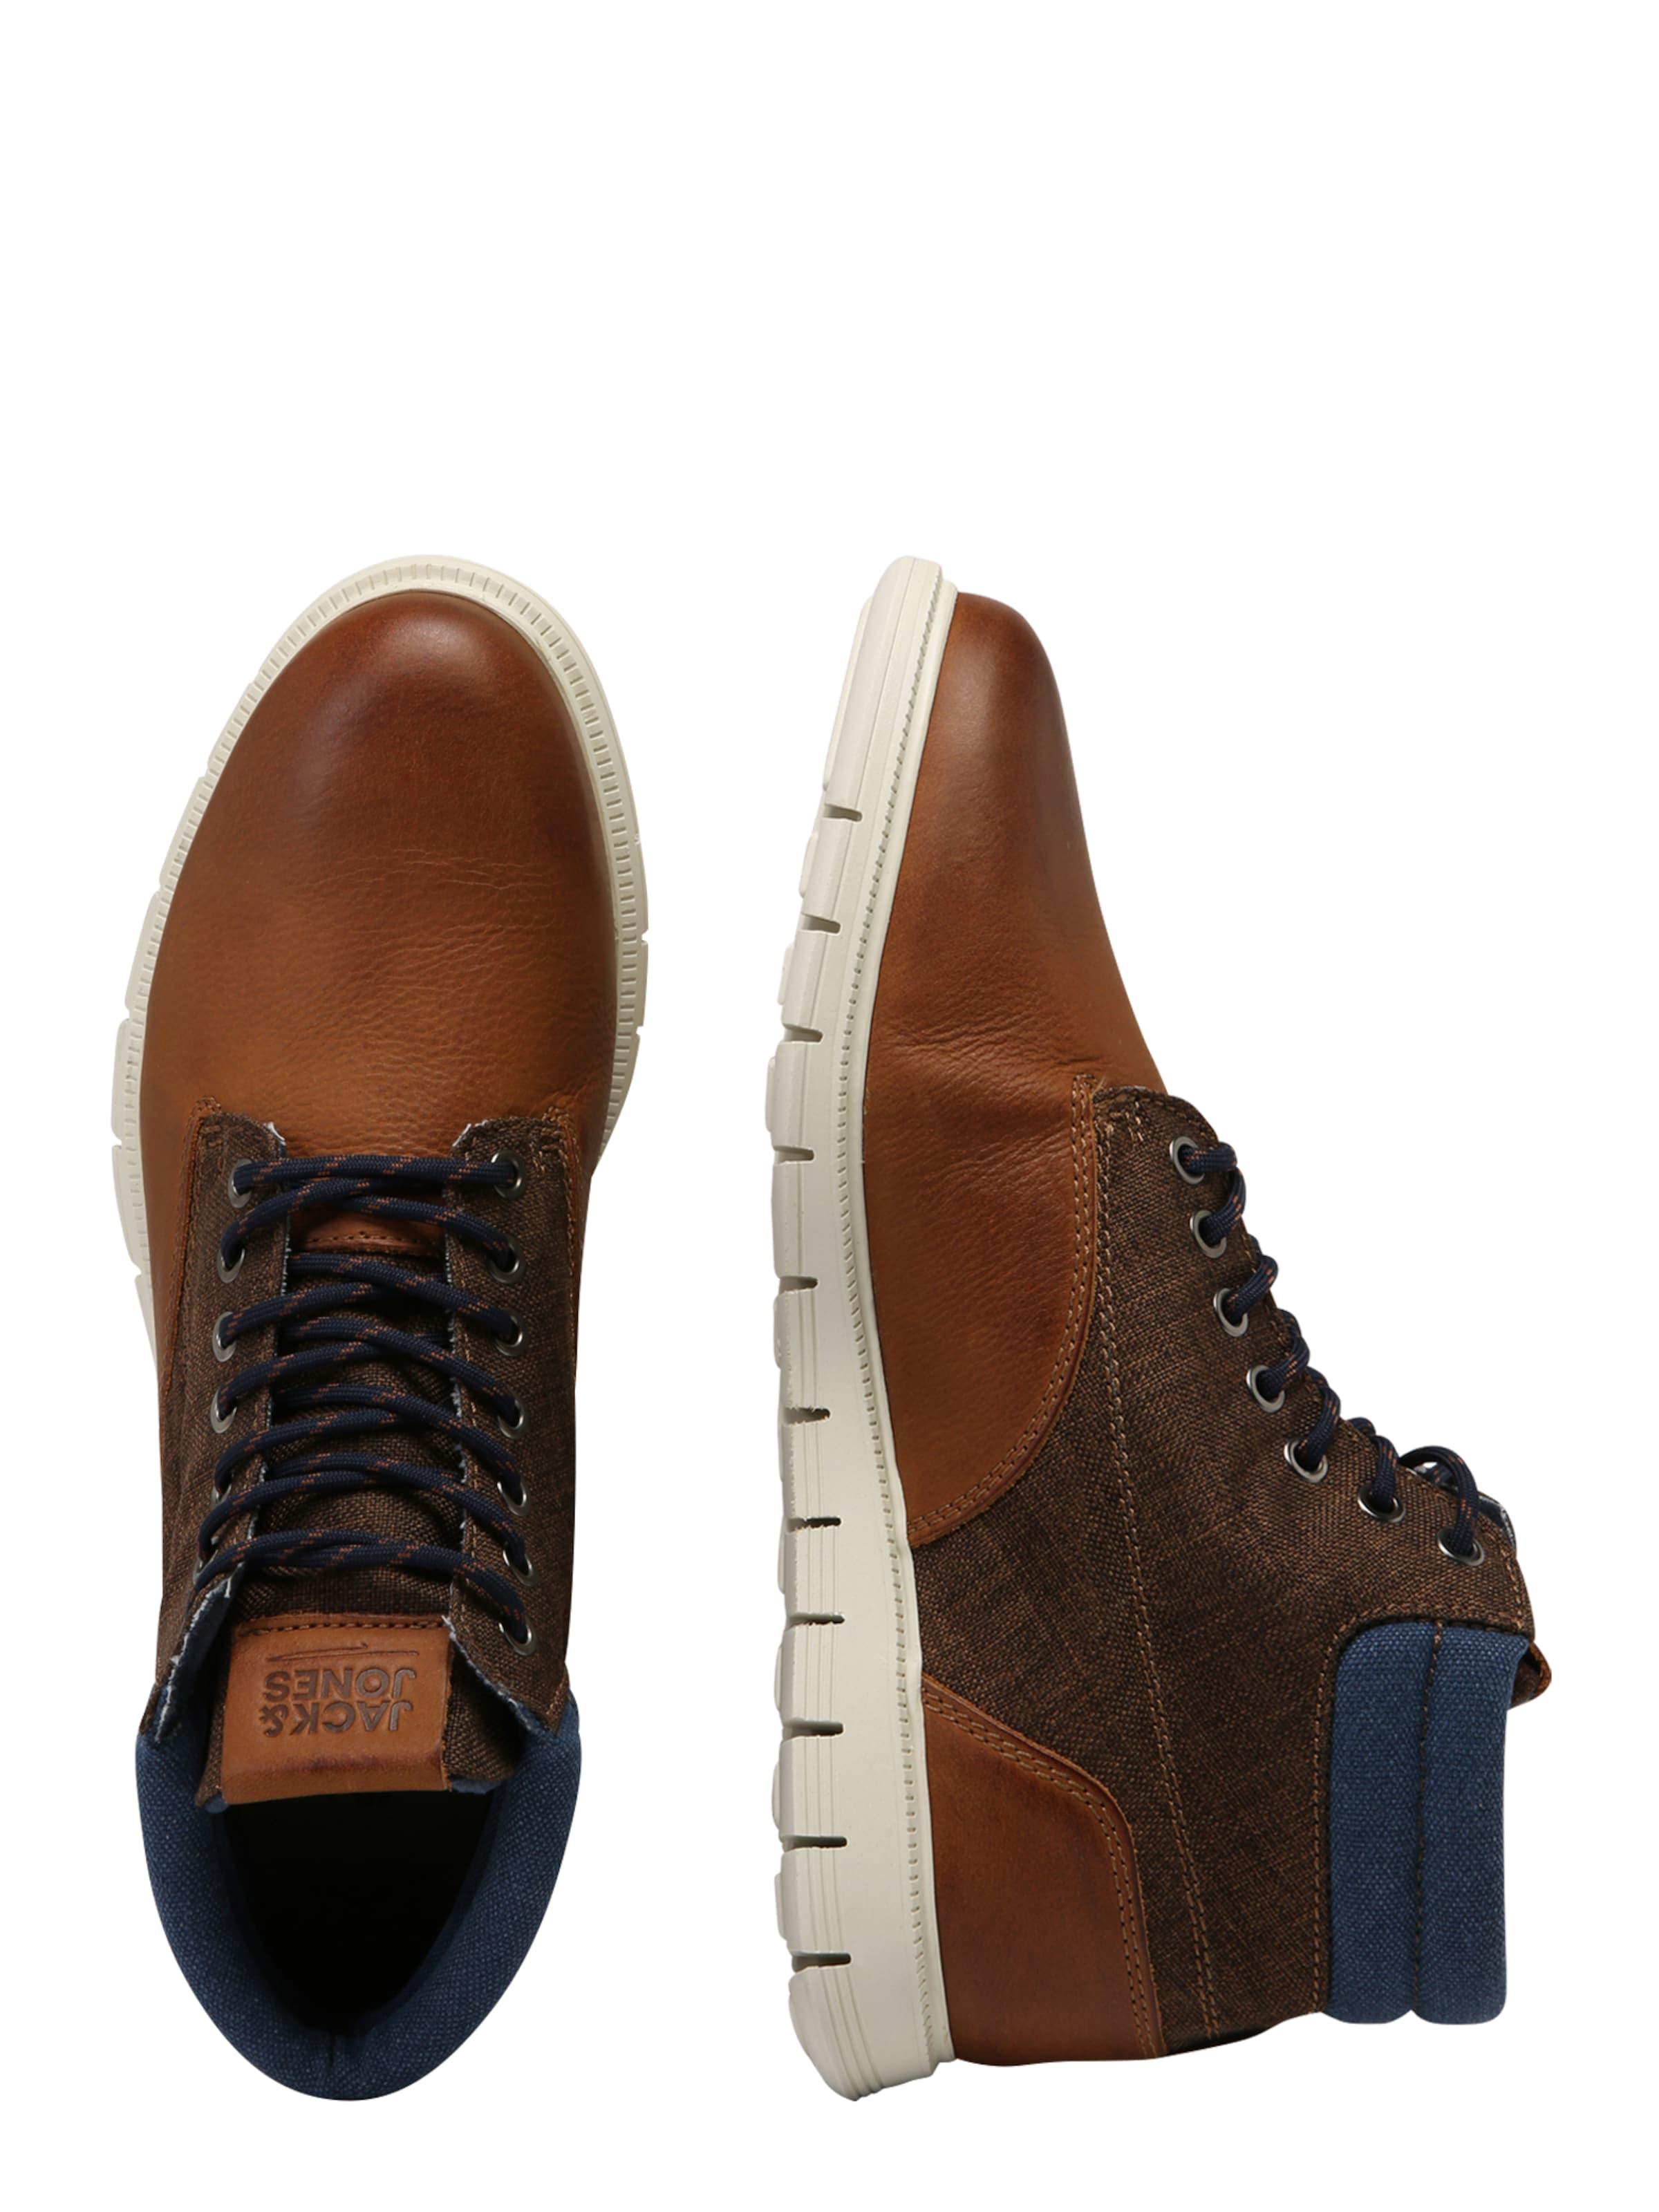 Jackamp; Boot' Jones Cognac Stiefel 'jfwpedro Leather In xCBoed